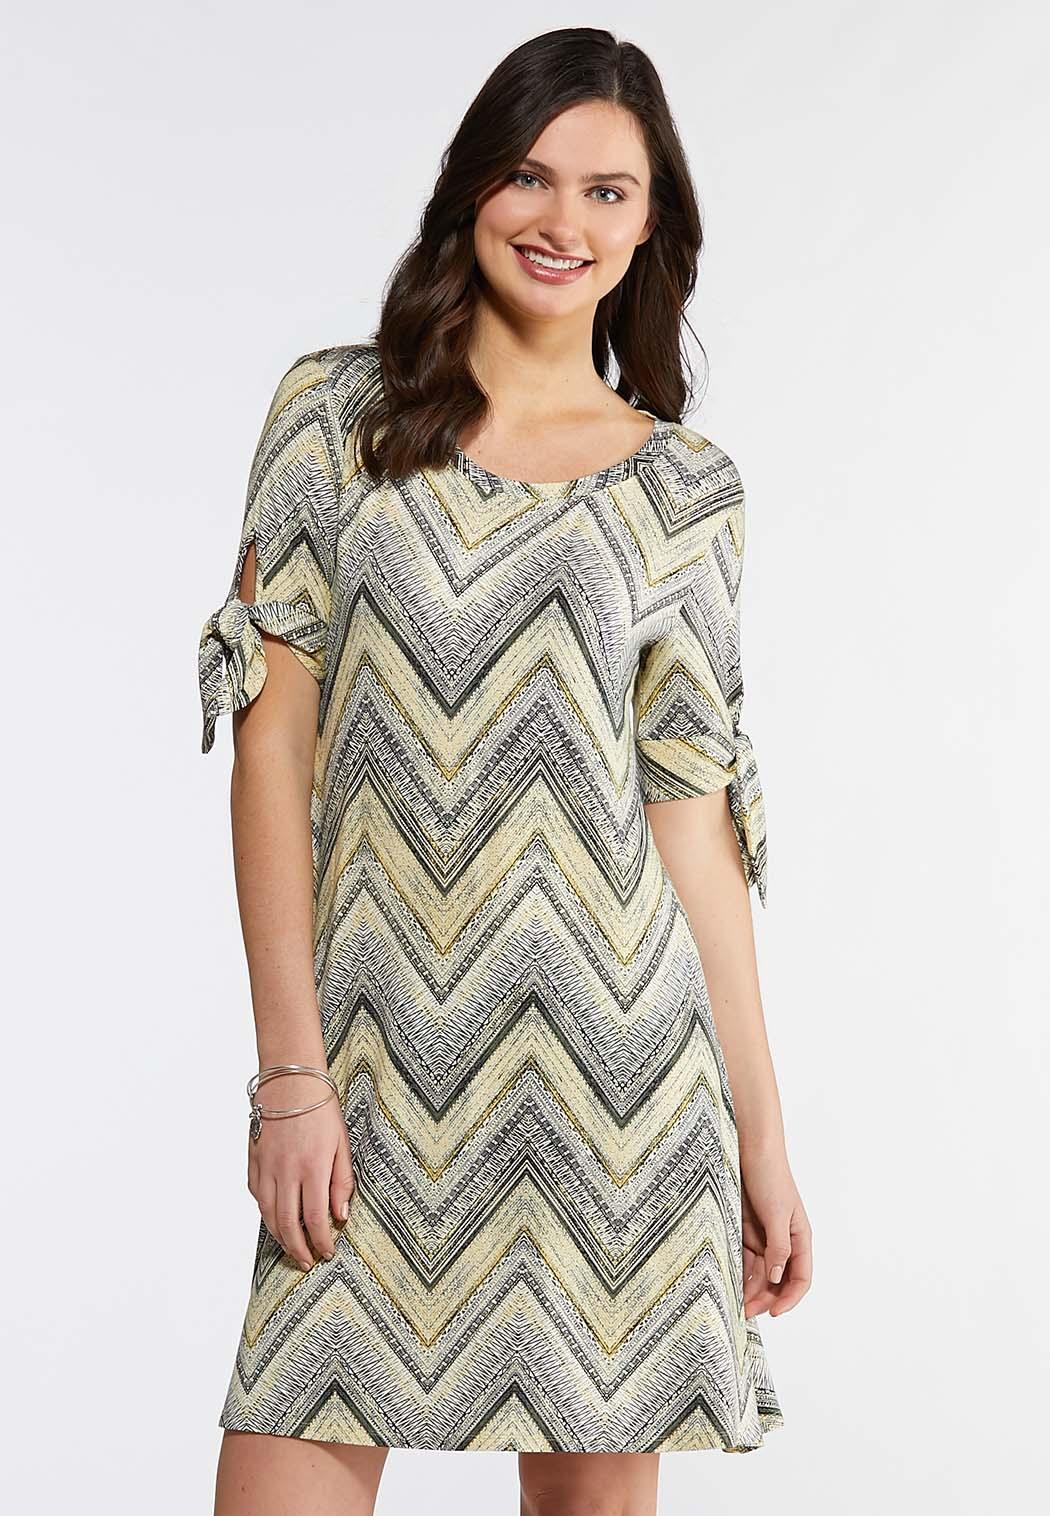 7289d30459ef Women's Summer Dresses